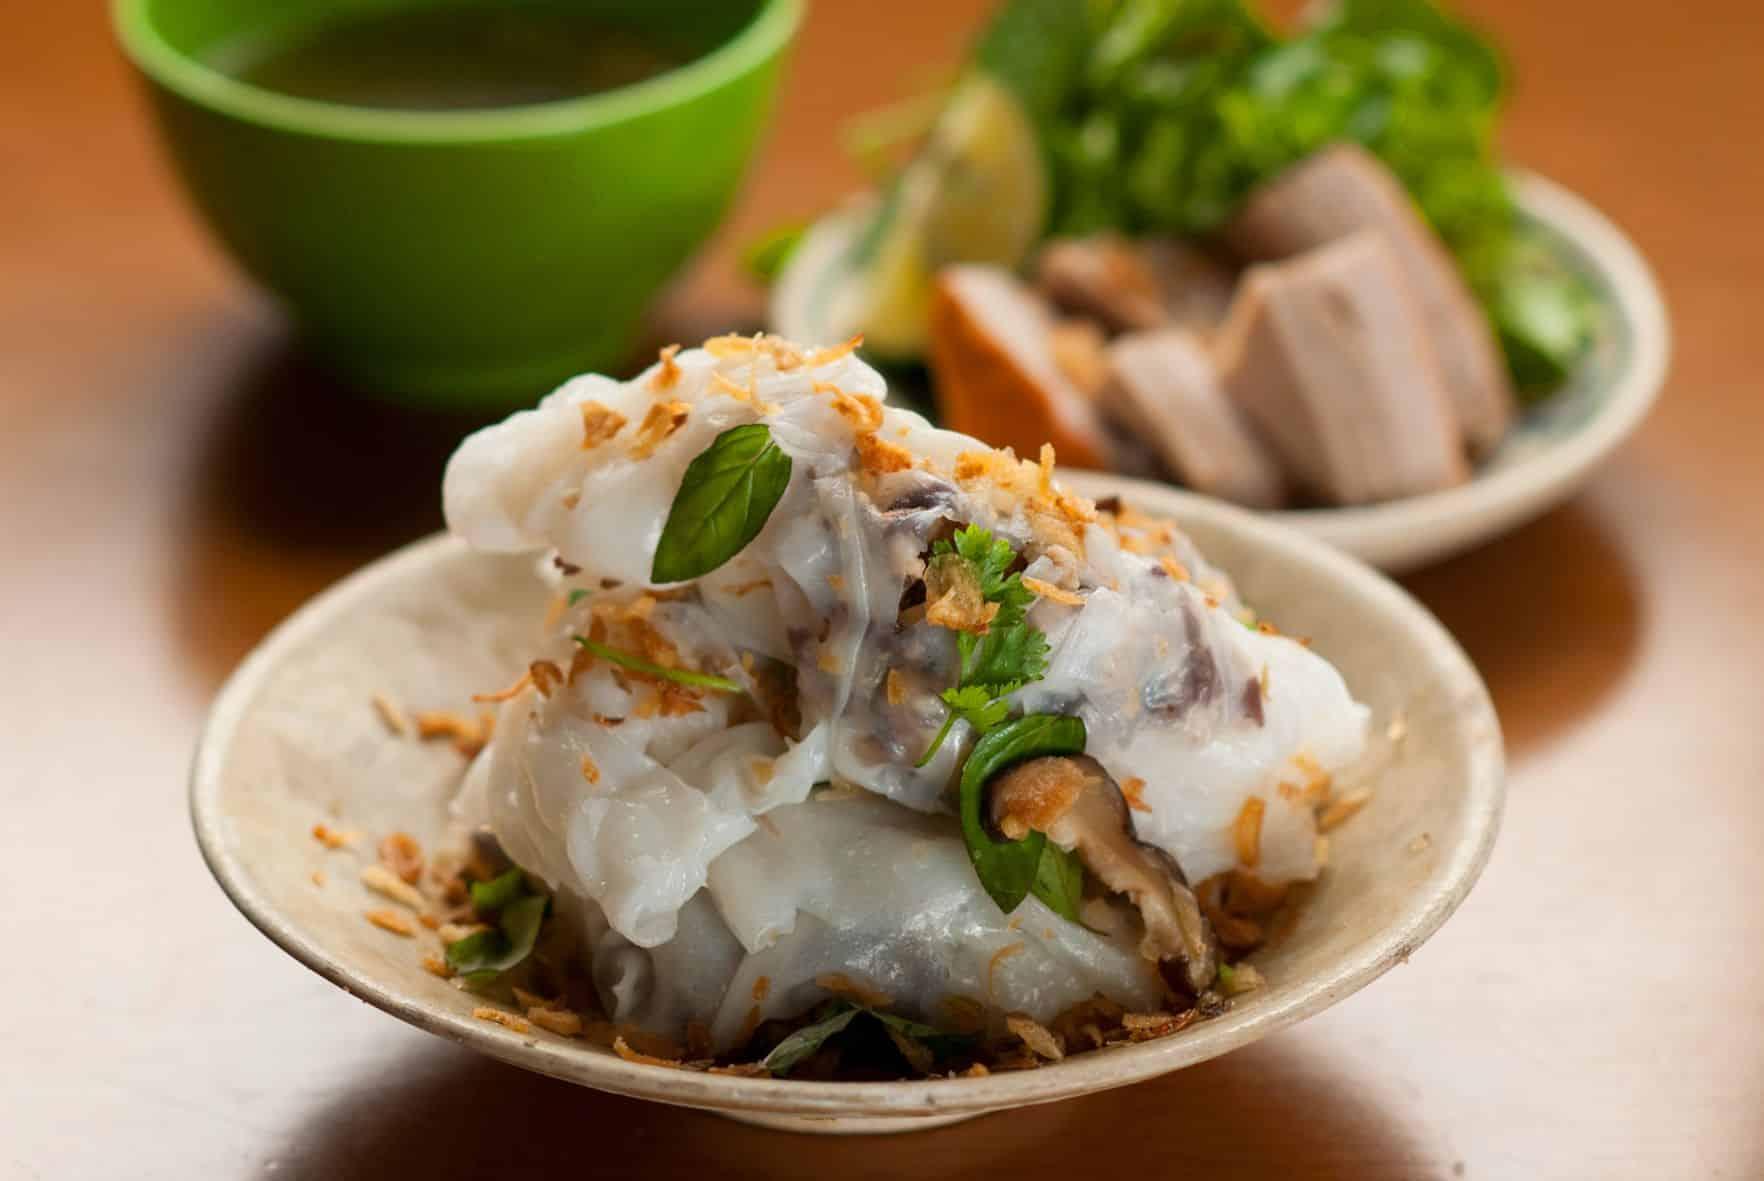 Banh Cuon - Stuffed pancake